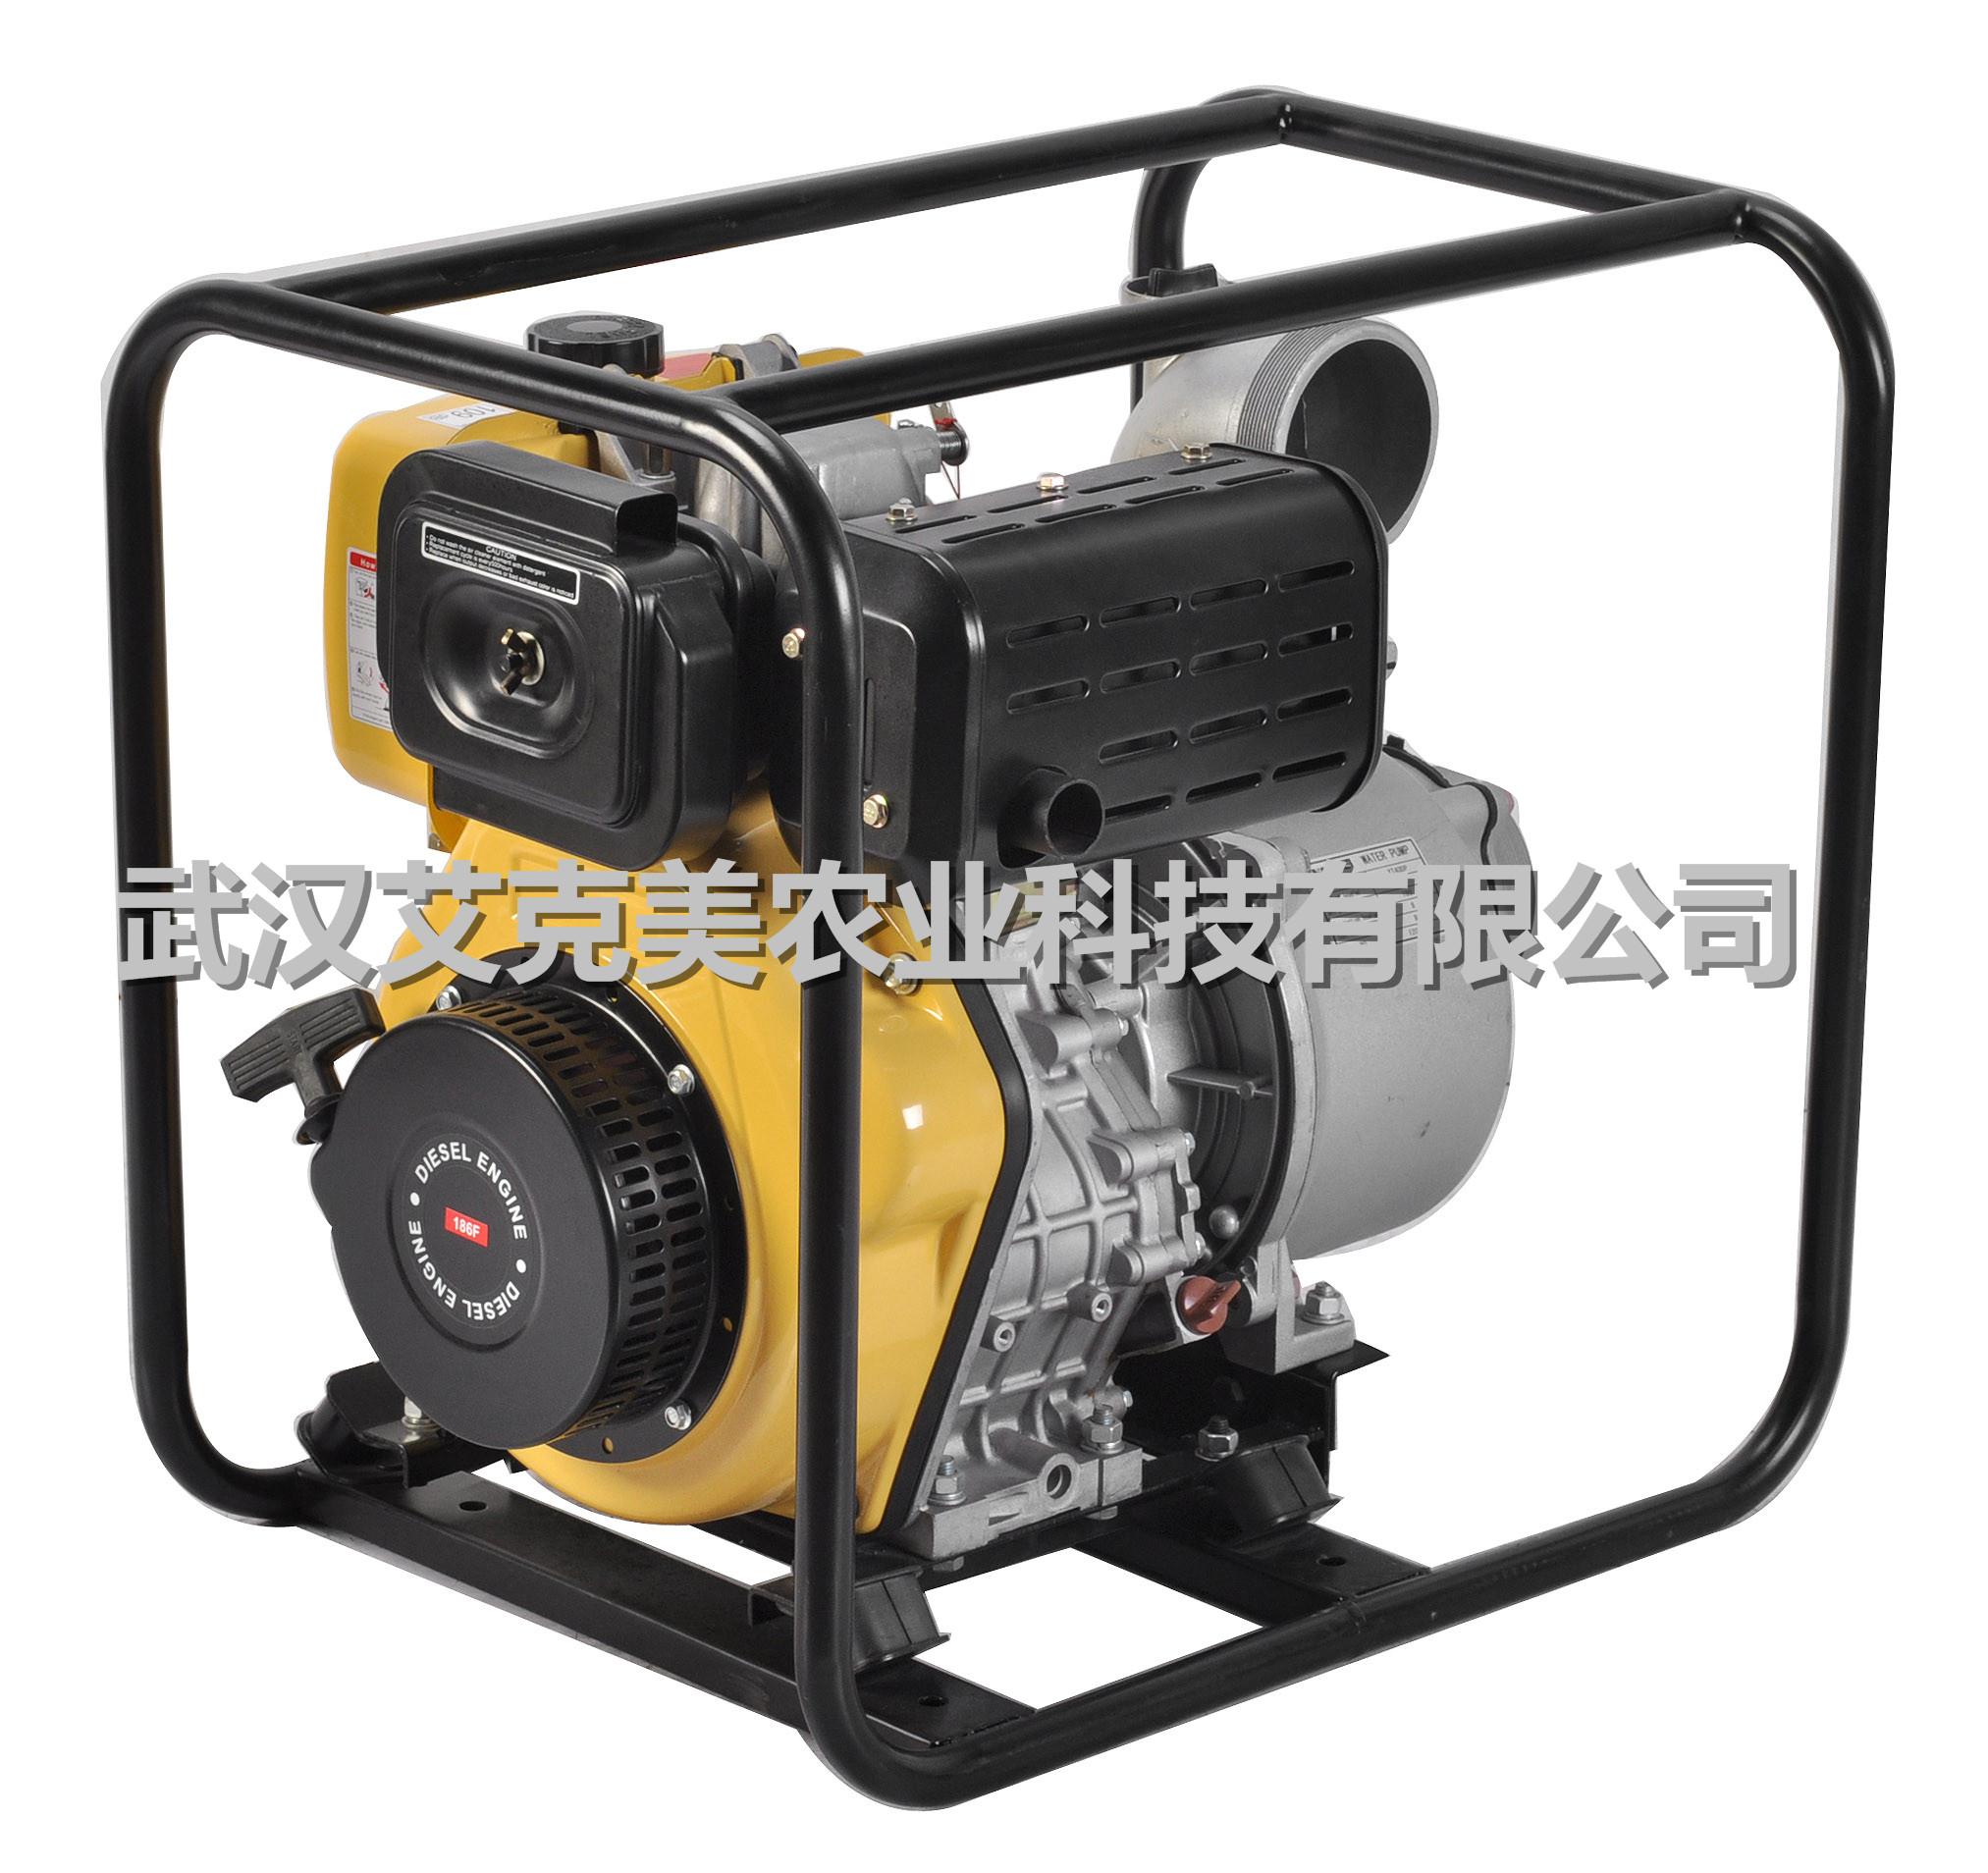 水泵dieselwaterpump1